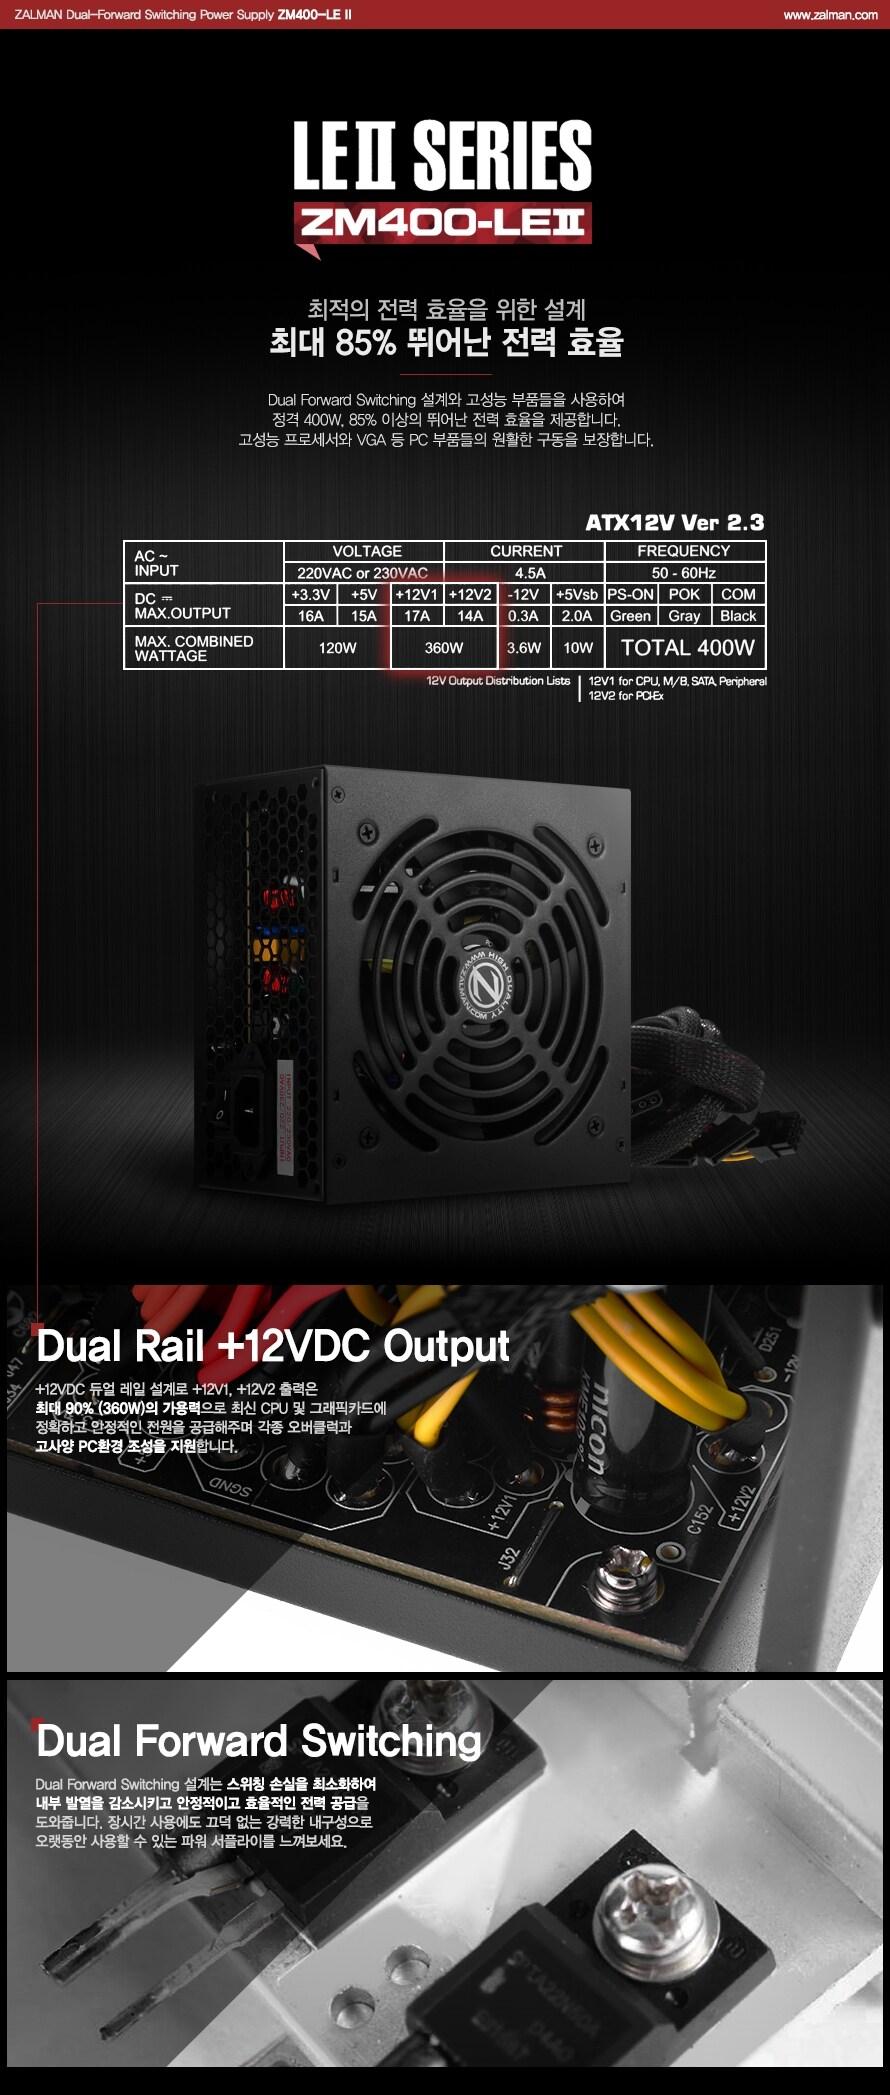 ZALMAN Dual-Forward Switching Power Supply ZM400-LE 2 / www.zalman.co.kr    LE2 SERIES ZM400-LE2    최적의 전력 효율을 위한 설계 최대 85% 뛰어난 전력 효율    Dual Forward Switching 설계와 고성능 부품들을 사용하여 정격 400W, 85% 이상의 뛰어난 전력 효율을 제공합니다. 고성능 프로세서와 VGA등 PC 부품들의 원할한 구동을 보장합니다.    Dual Rail +12VDC Output     _12VDC 듀얼 레일 설계로 +12V1, +12V2 출력은 최대 90% (360W)의 가용력으로 최신 CPU 및 그래픽카드에 정확하고 안정적인 전원을 공급해주며 각종 오버클럭과 고사양 PC환경 조성을 지원합니다.    Dual Forward Switching    Dual Forward Switching 설계는 스위치 손실을 최소화하여 내부 발열을 감소시키고 안정적이며 효율적인 전력 공급을 도와줍니다. 장시간 사용에도 끄덕 없는 강력한 내구성으로 오랫동안 사용할 수 있는 파워 서플라이를 느껴보세요.